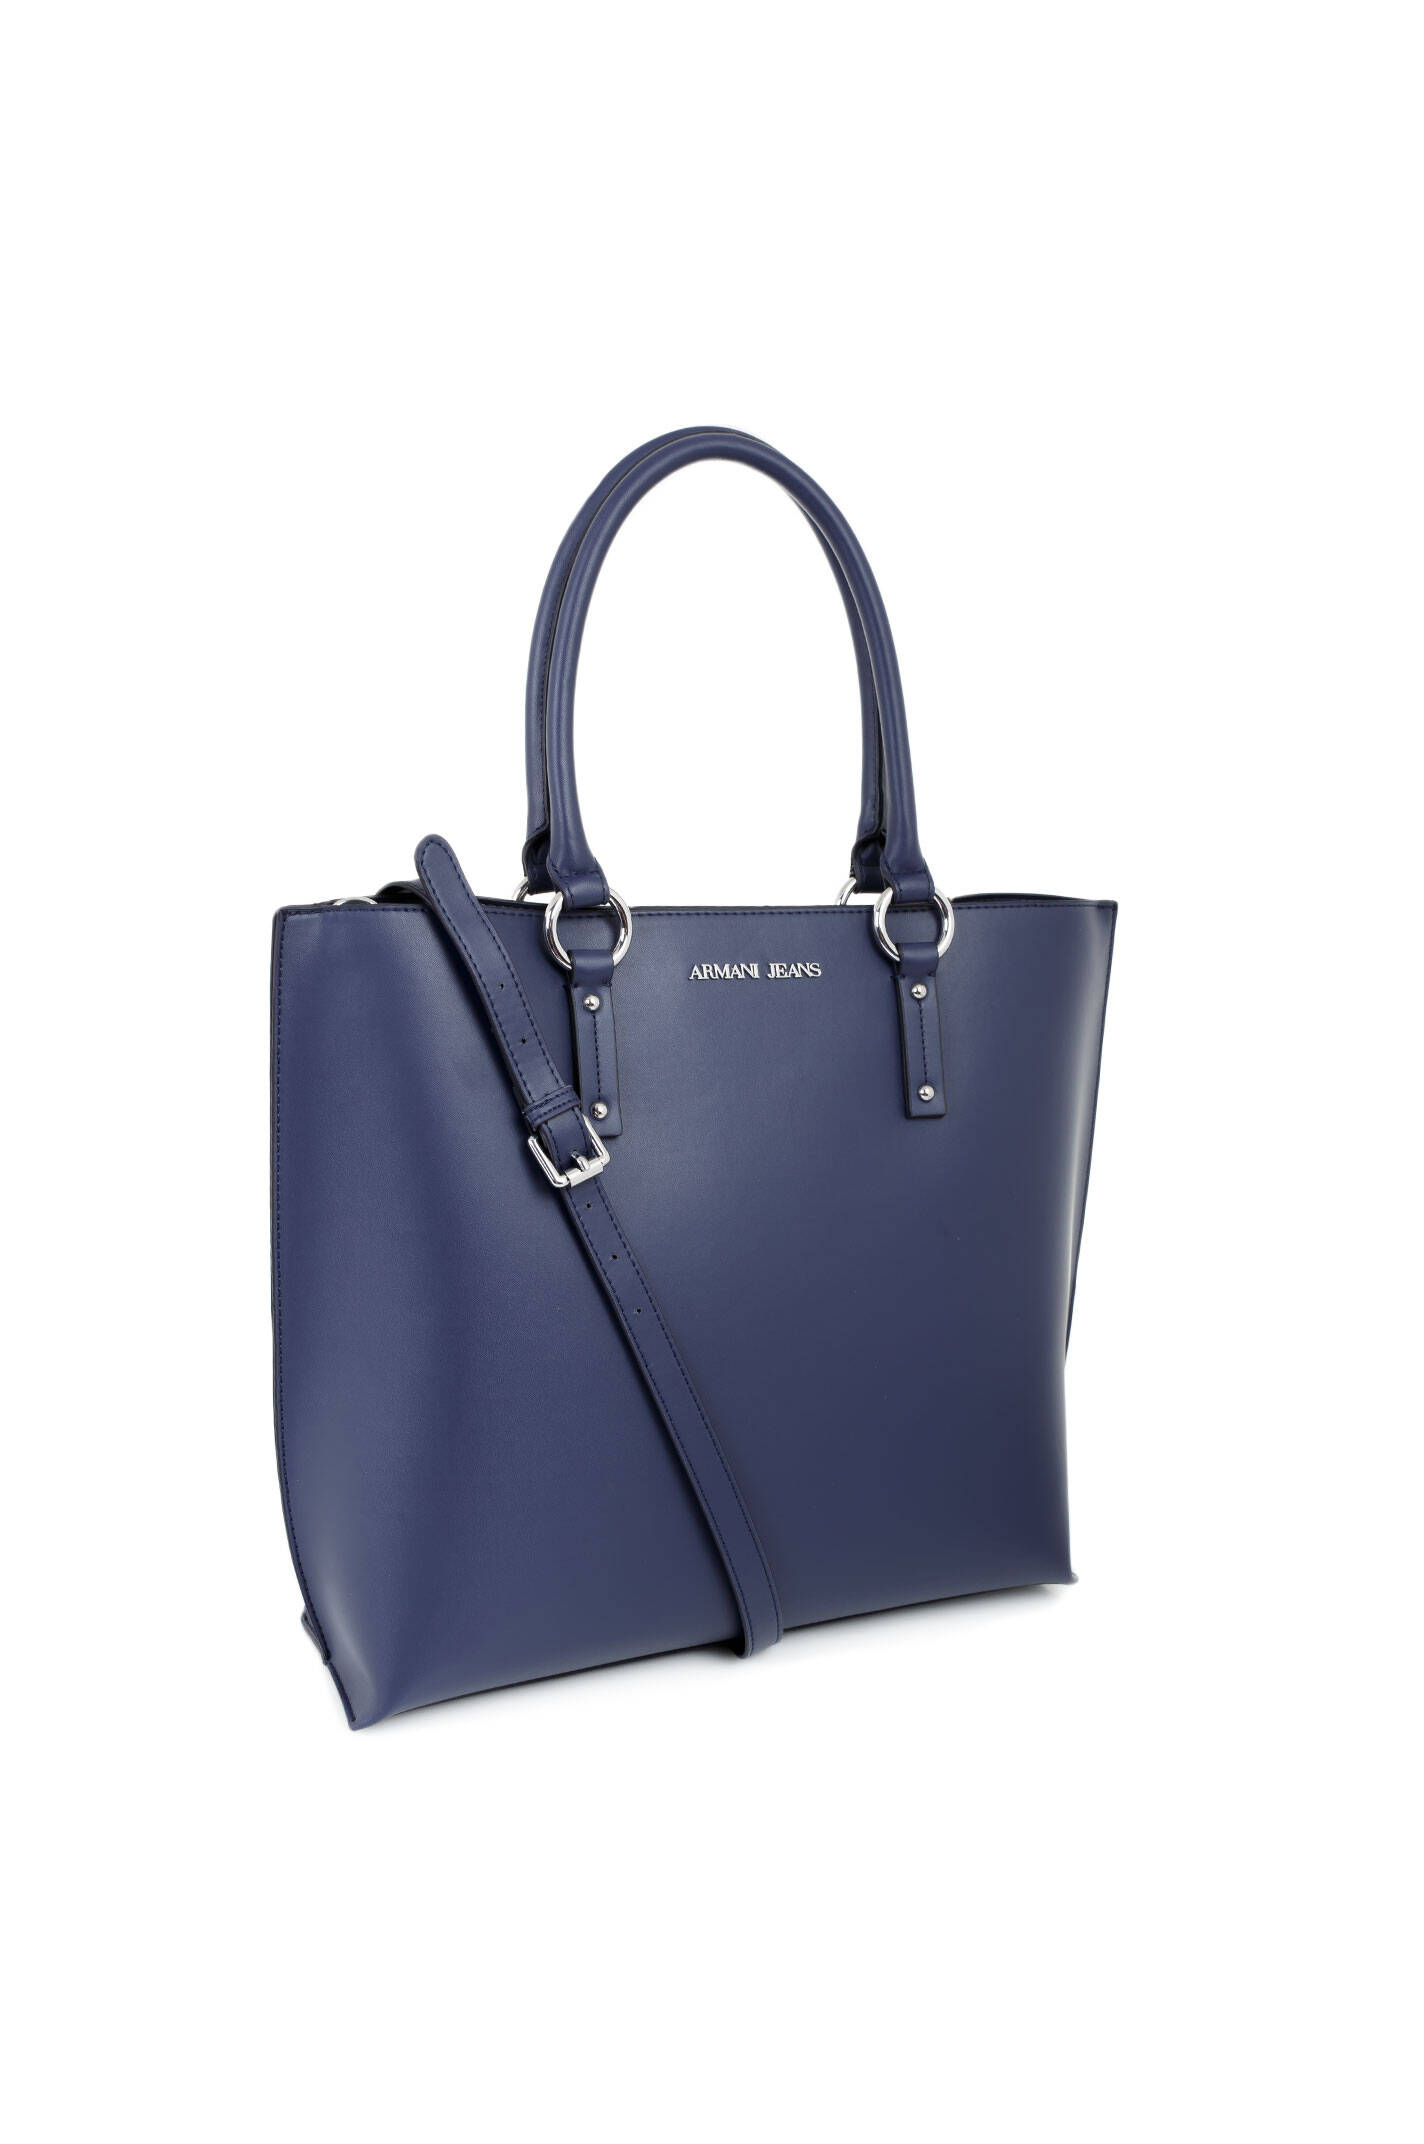 shopper bag armani jeans navy blue bags. Black Bedroom Furniture Sets. Home Design Ideas